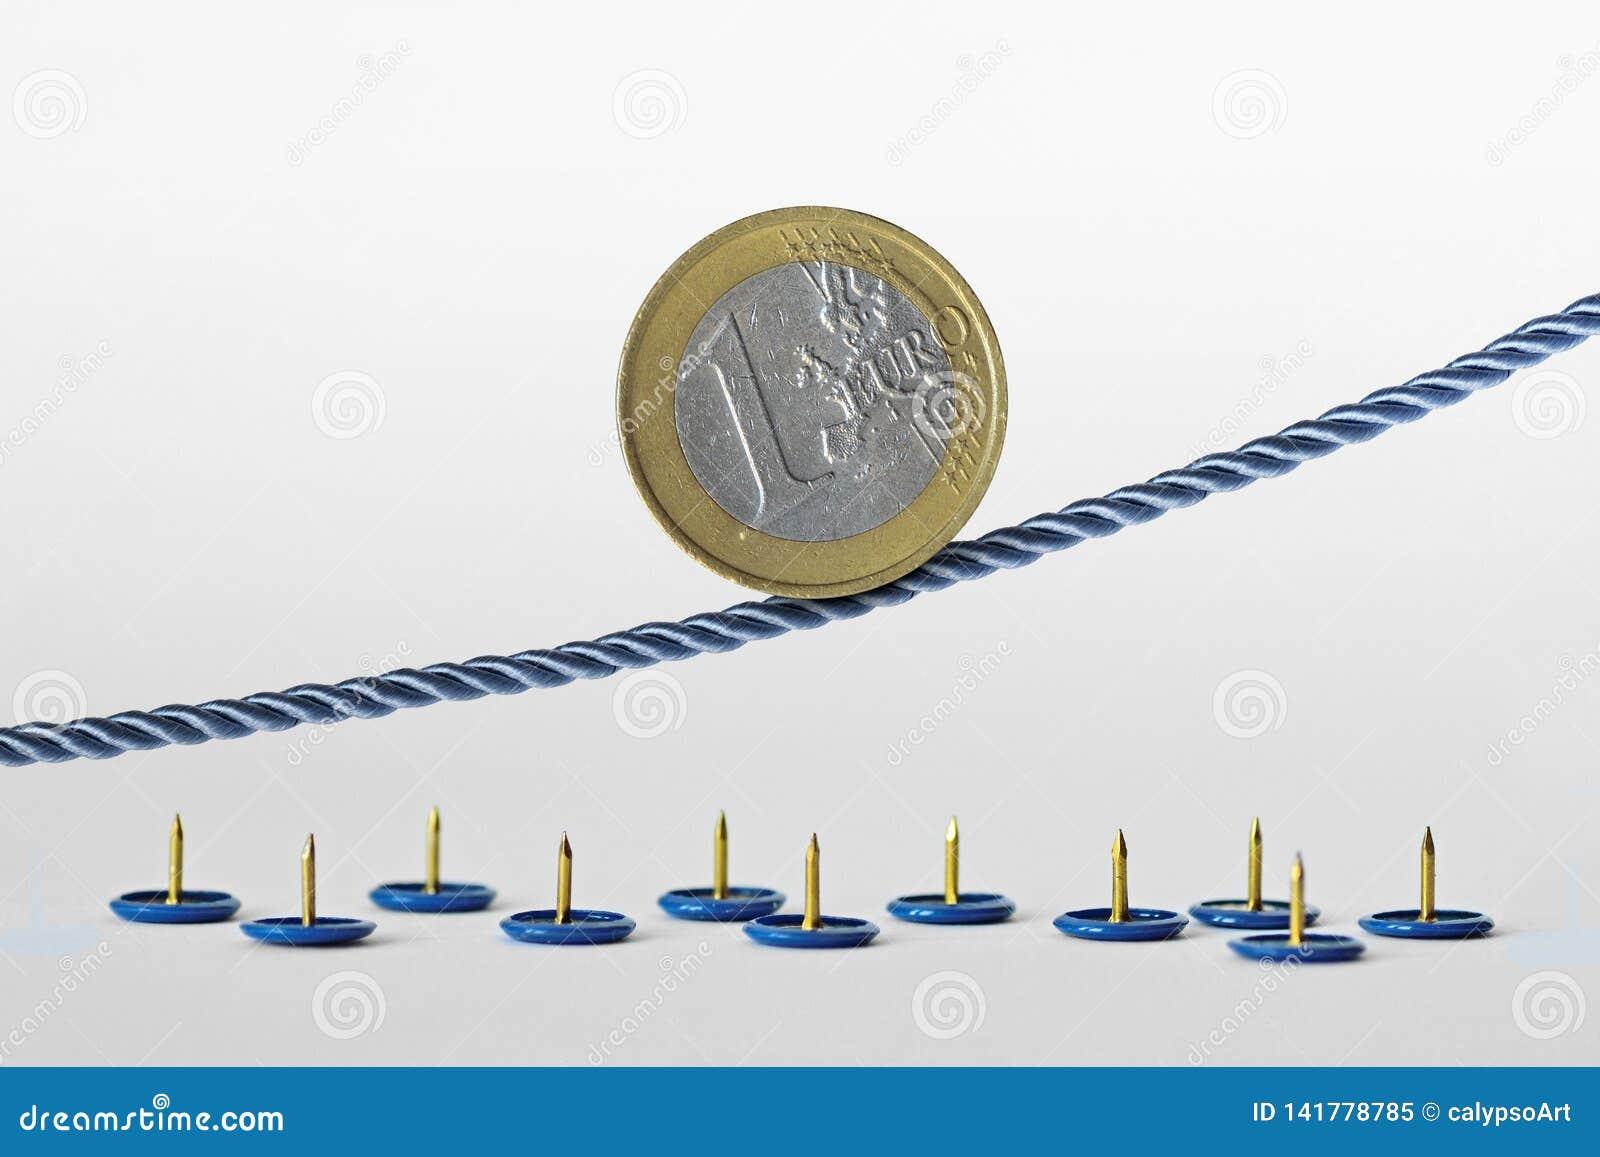 Euro moneta sulla corda sopra i perni di spinta - concetto della tendenza al rialzo di euro valuta e di euro rischio di valuta